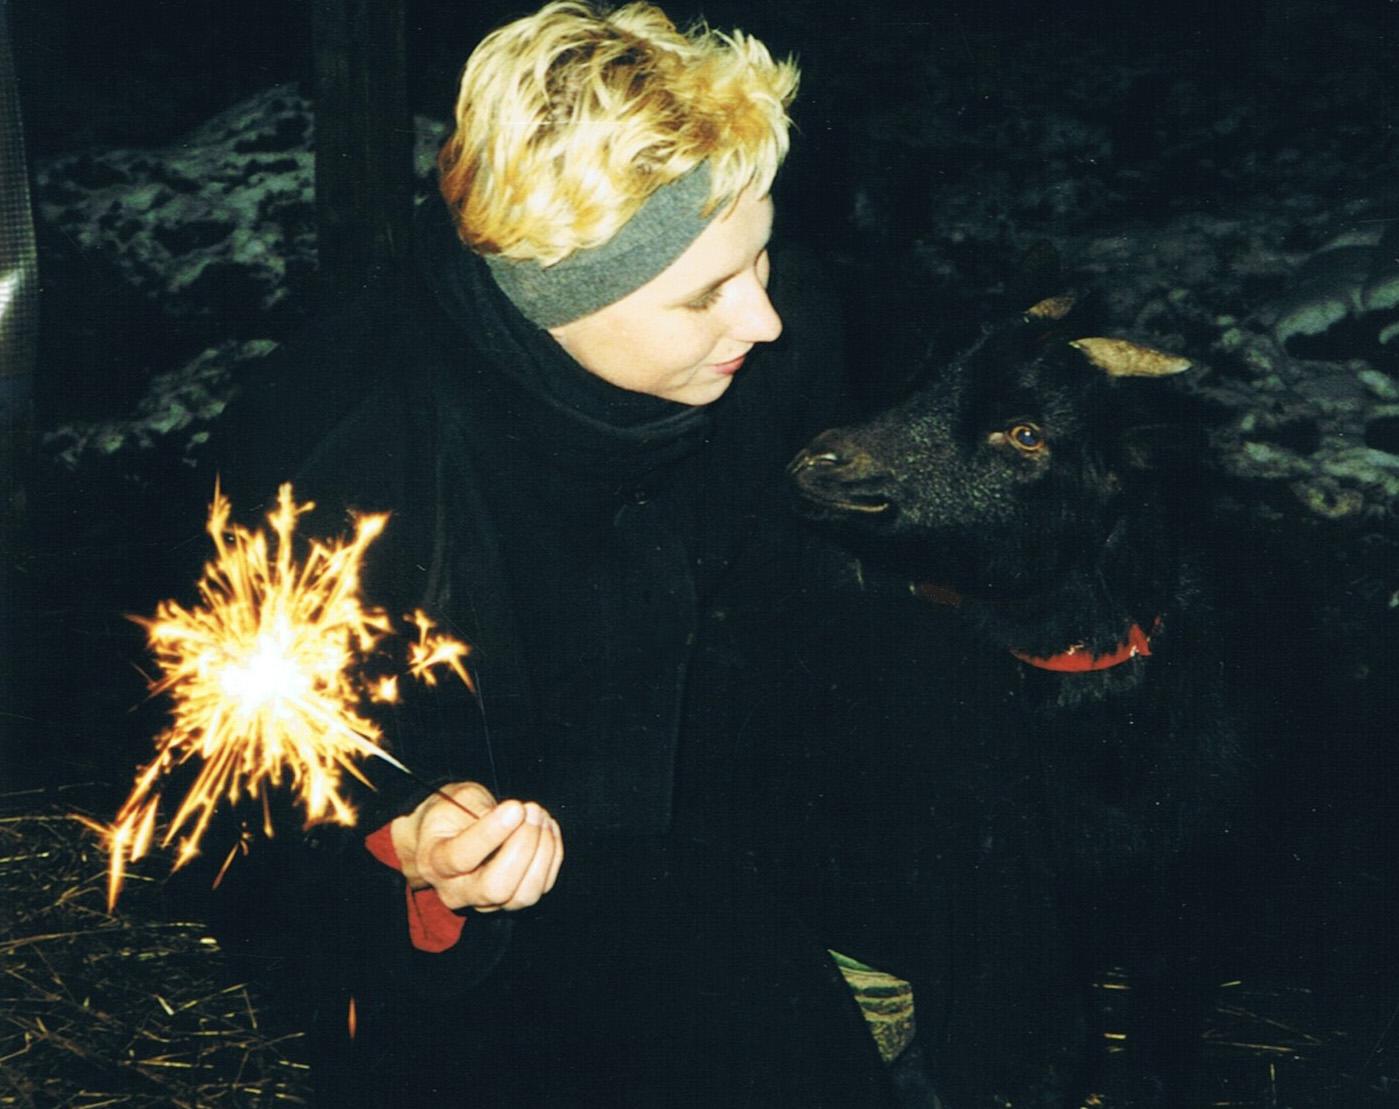 Silvester - 1999